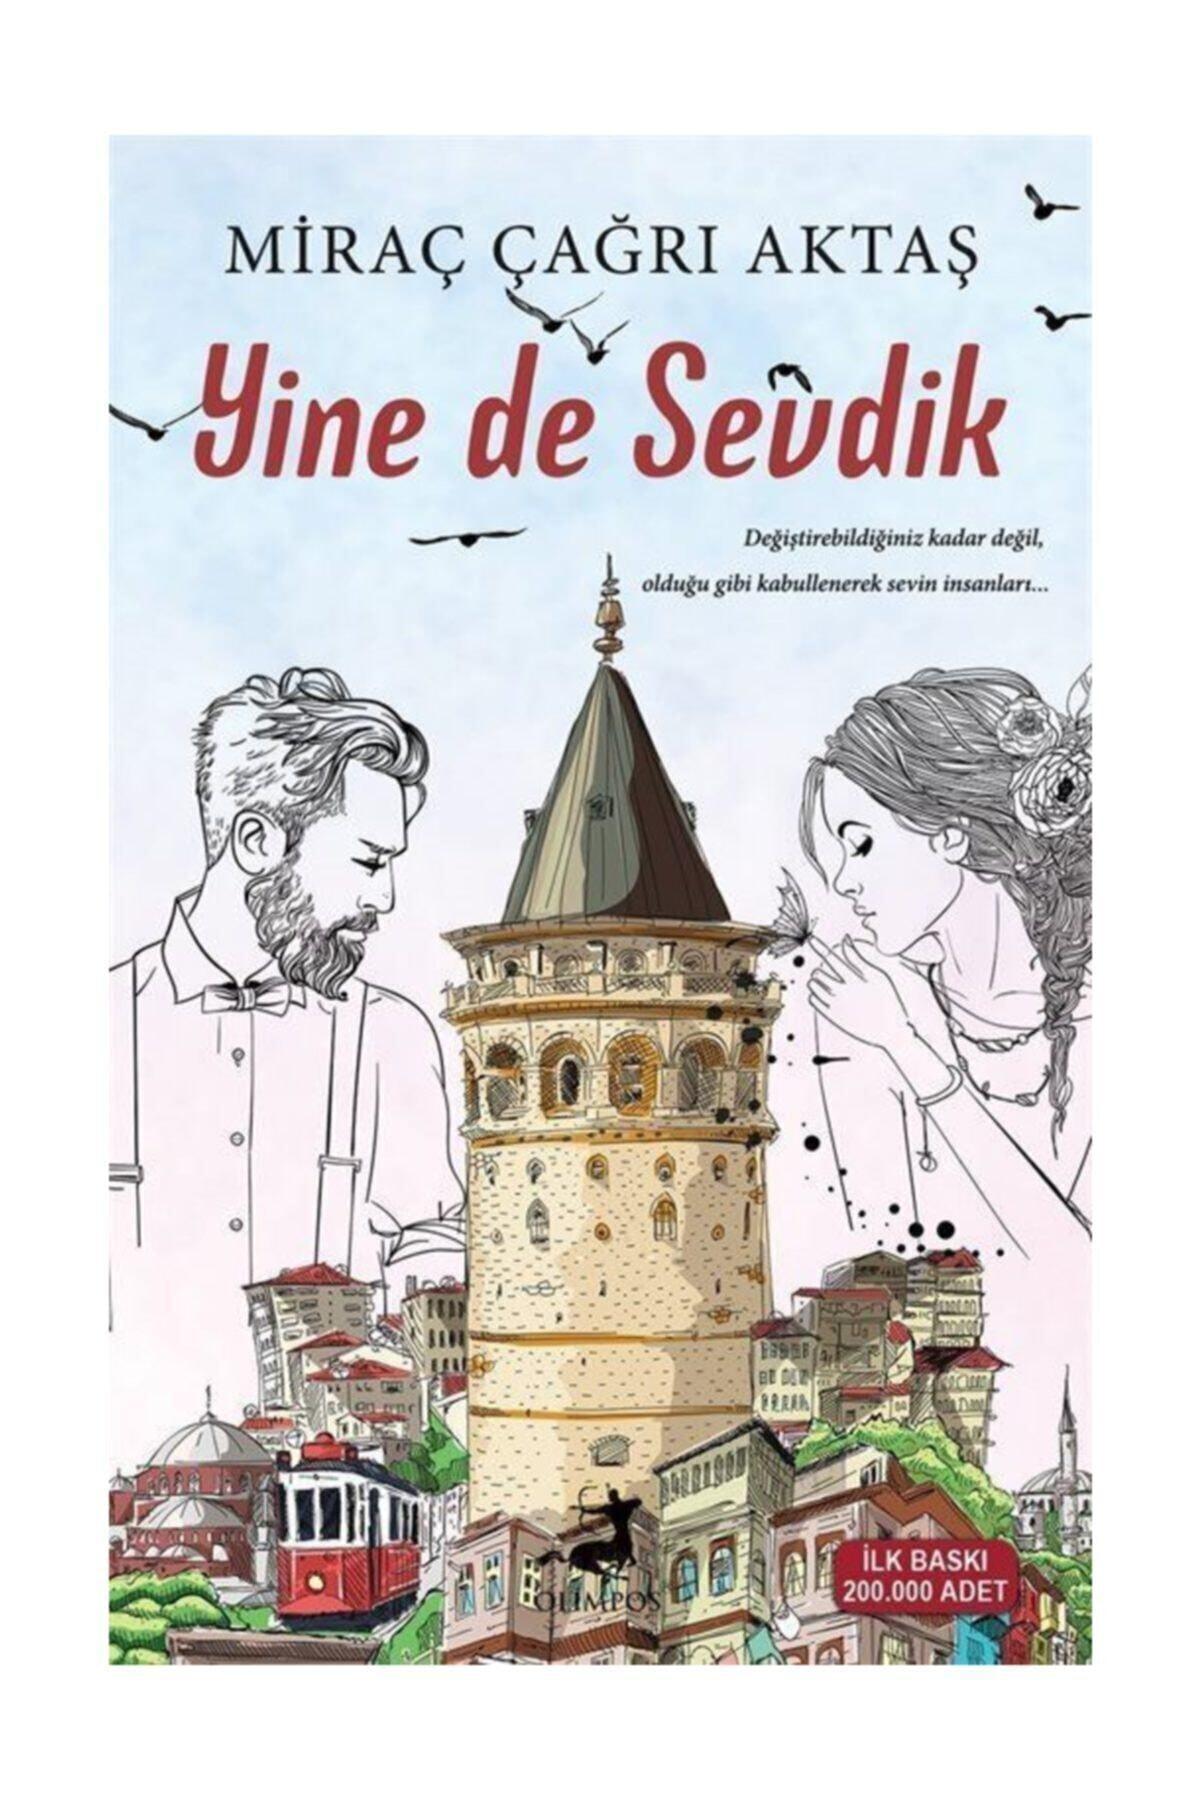 Olimpos Yayınları Miraç Çağrı Aktaş Yine De Sevdik - Miraç Çağrı Aktaş 1